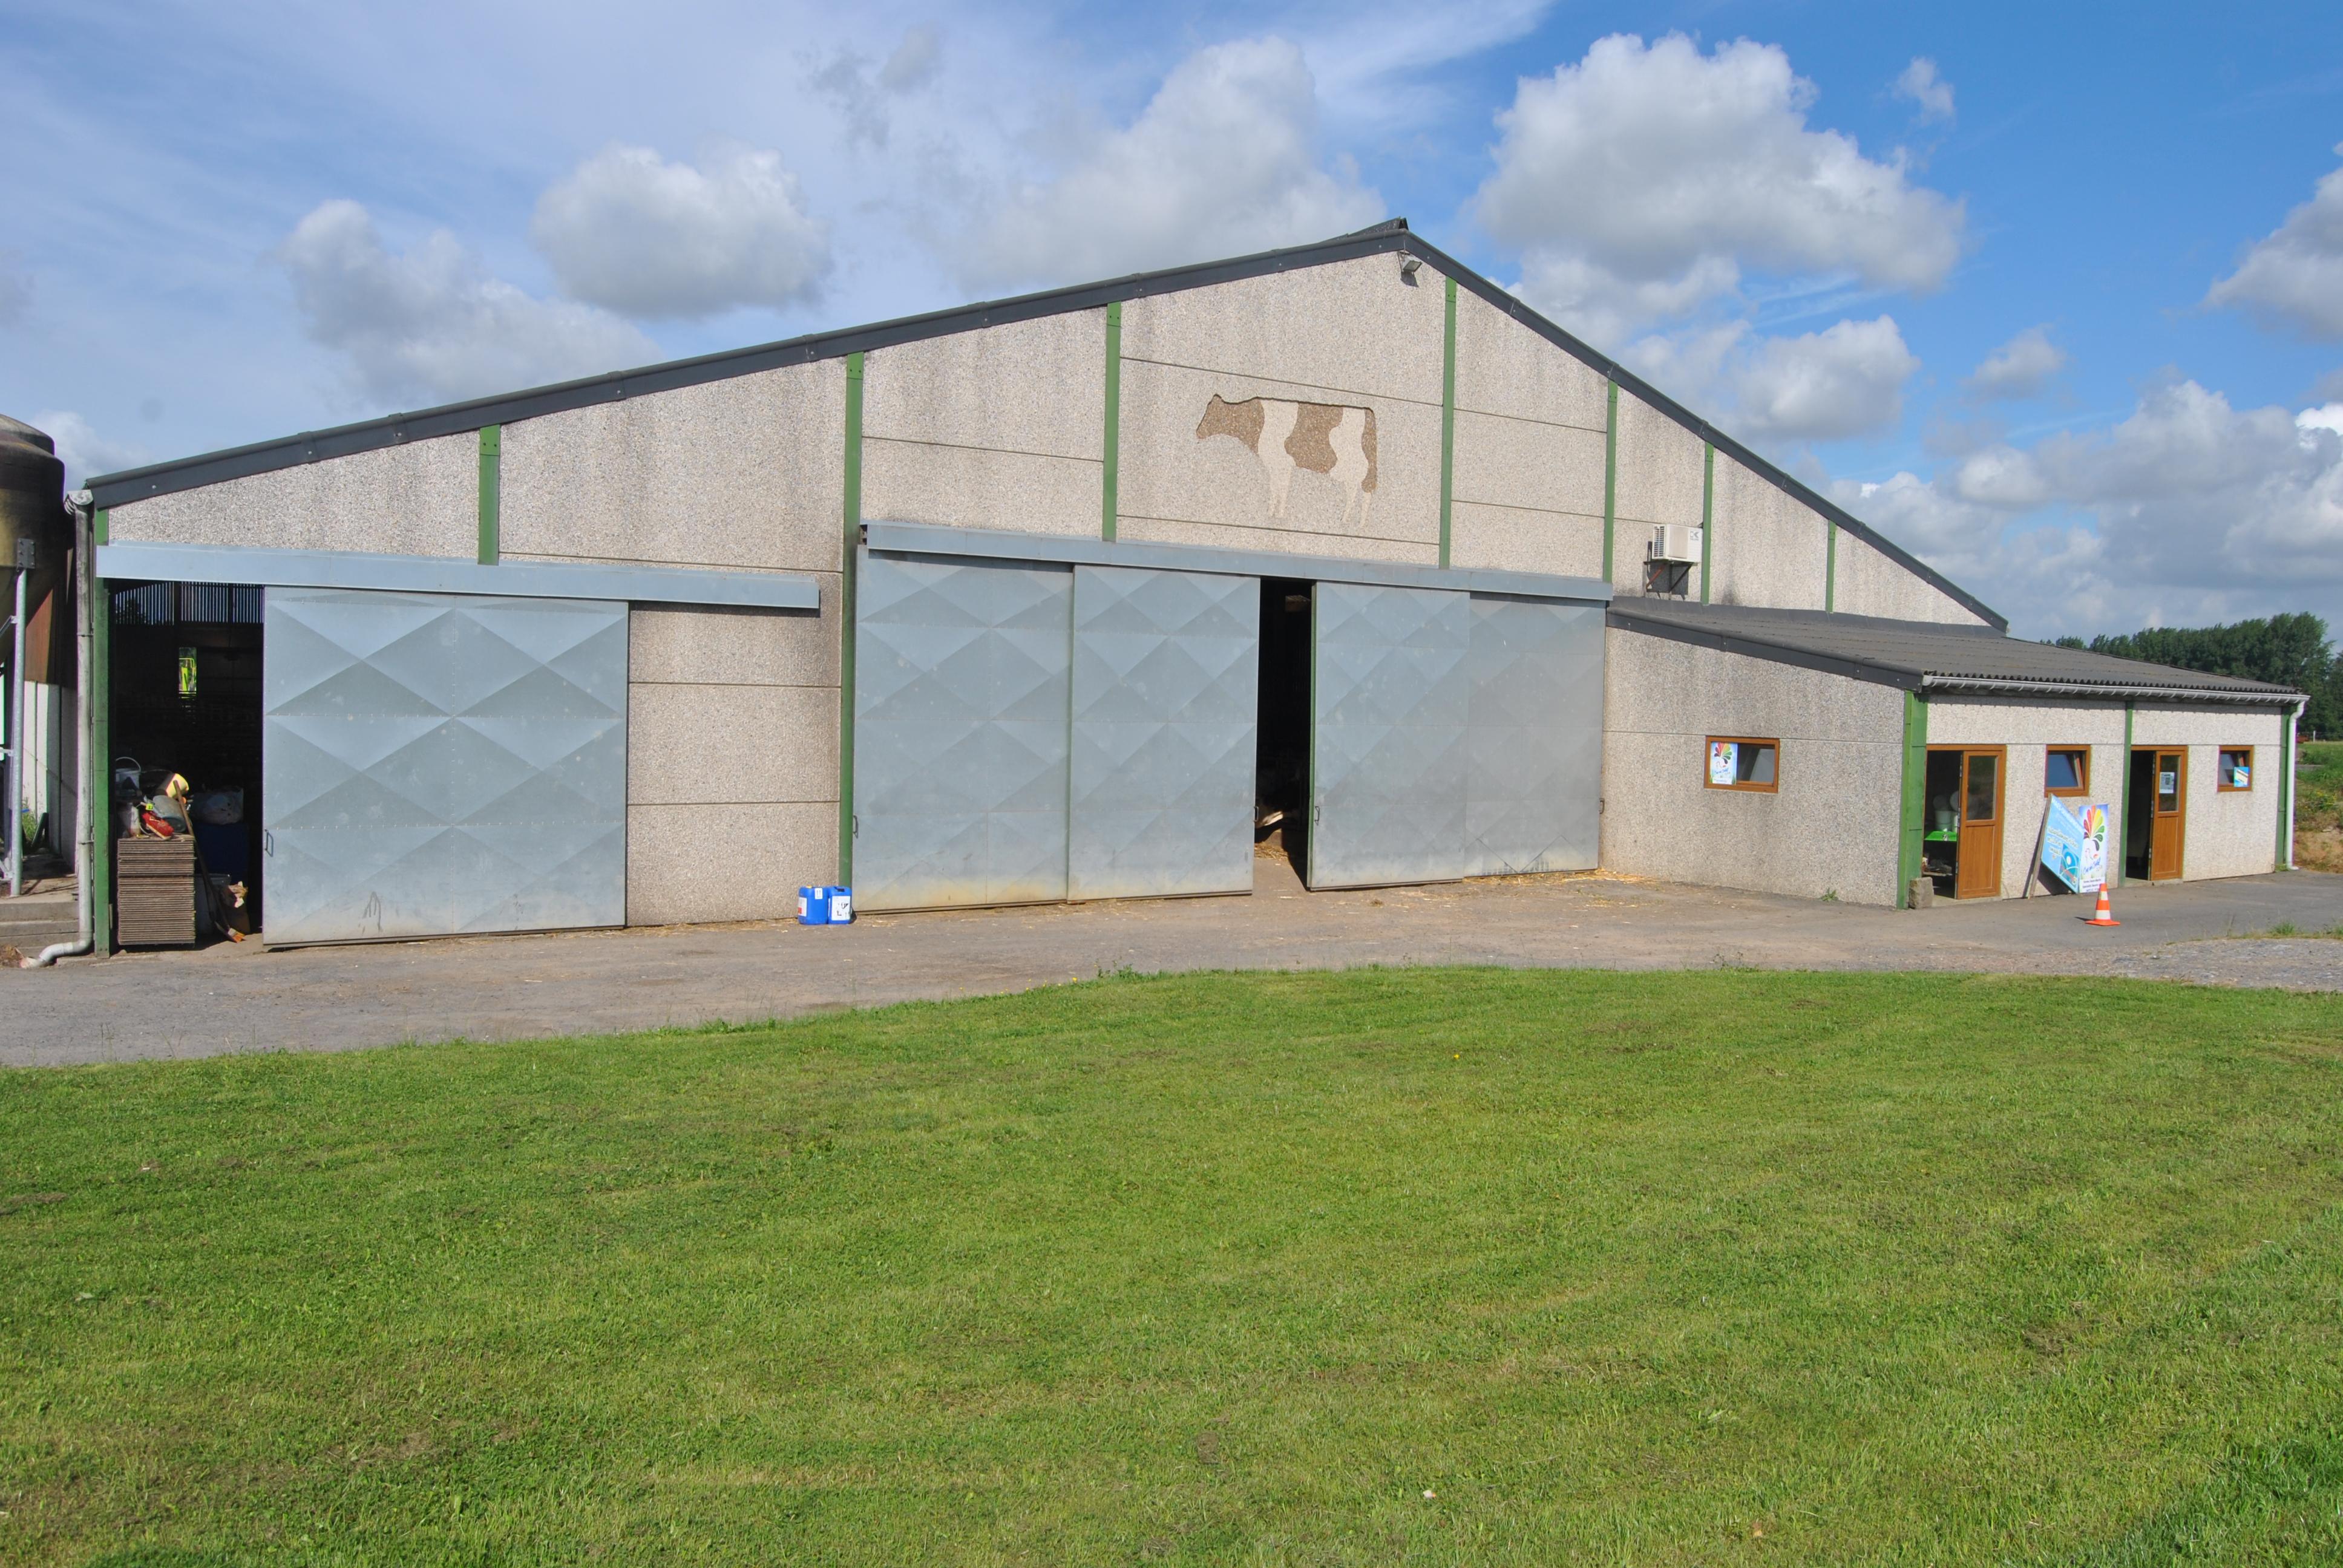 La ferme saint martin peissant beurre labeur et labours une brique da - Hangar a vendre liege ...